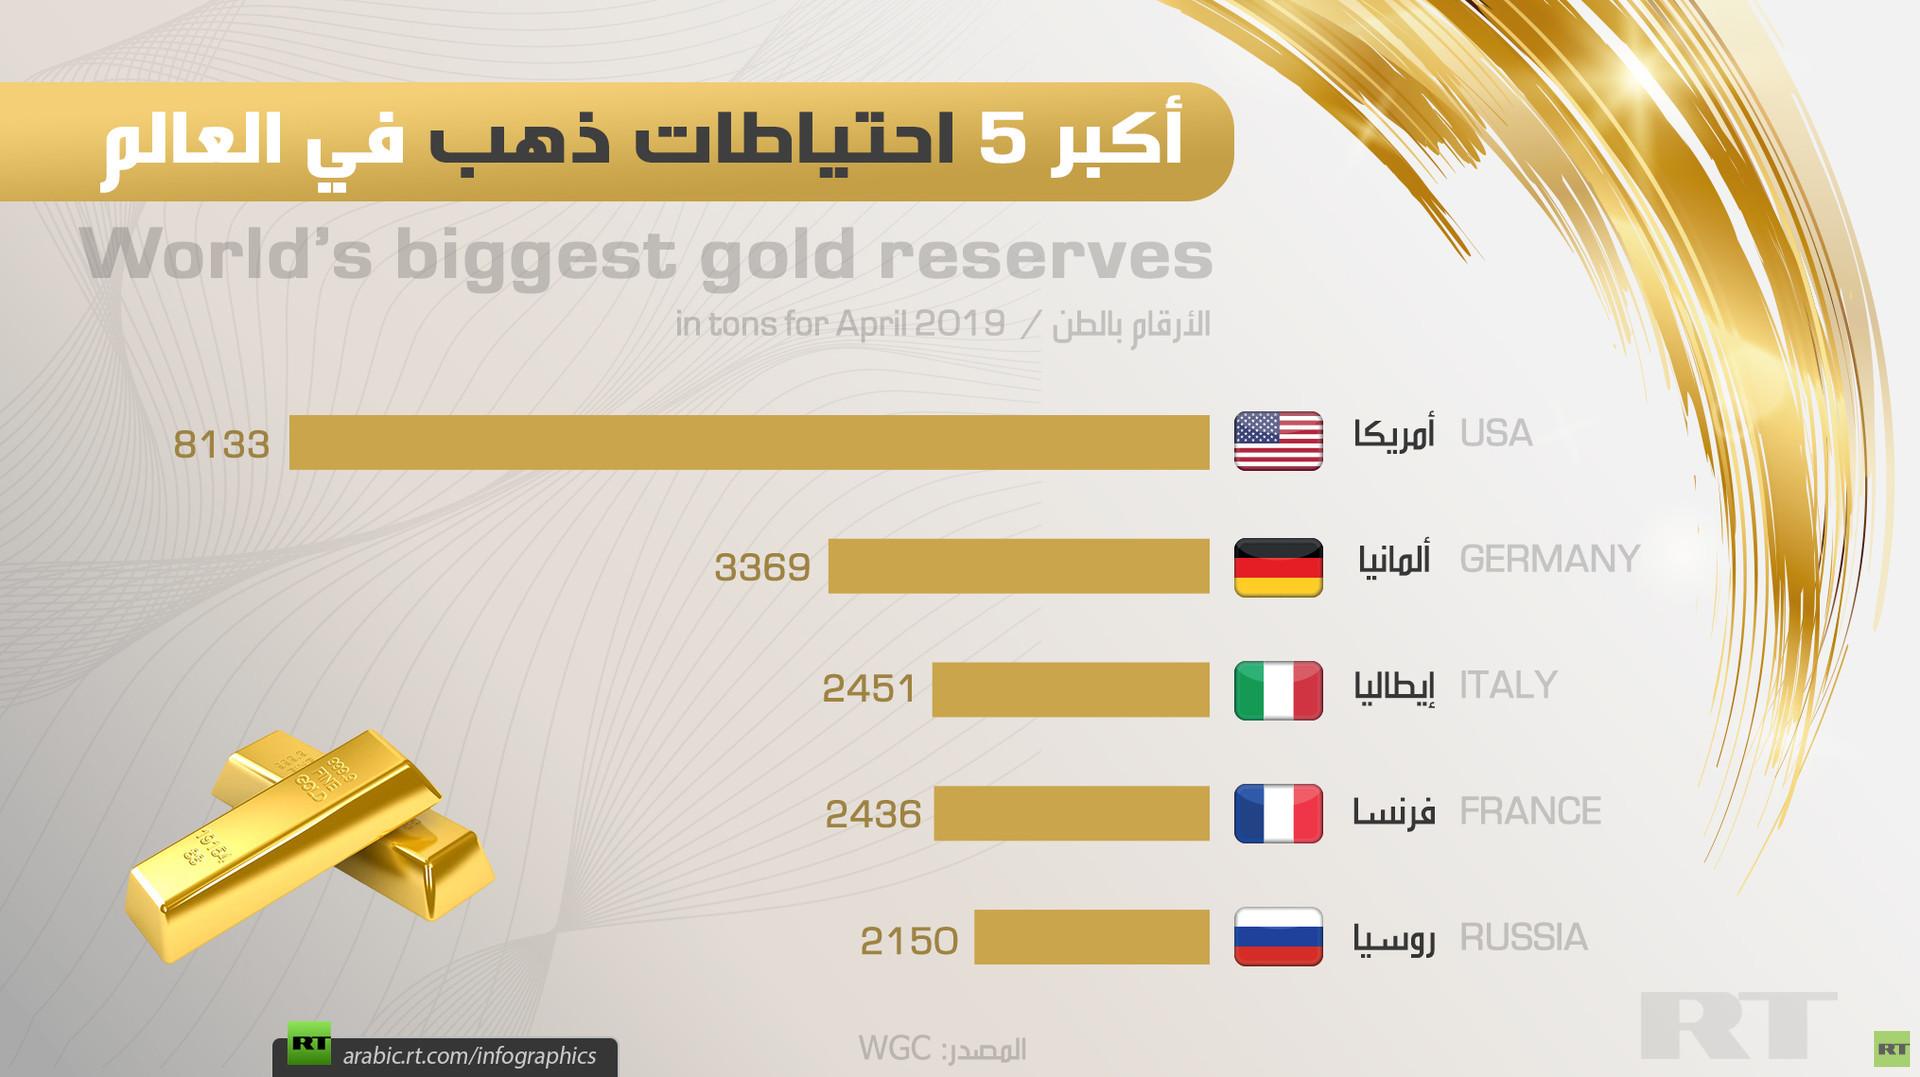 أكبر 5 احتياطات ذهب في العالم